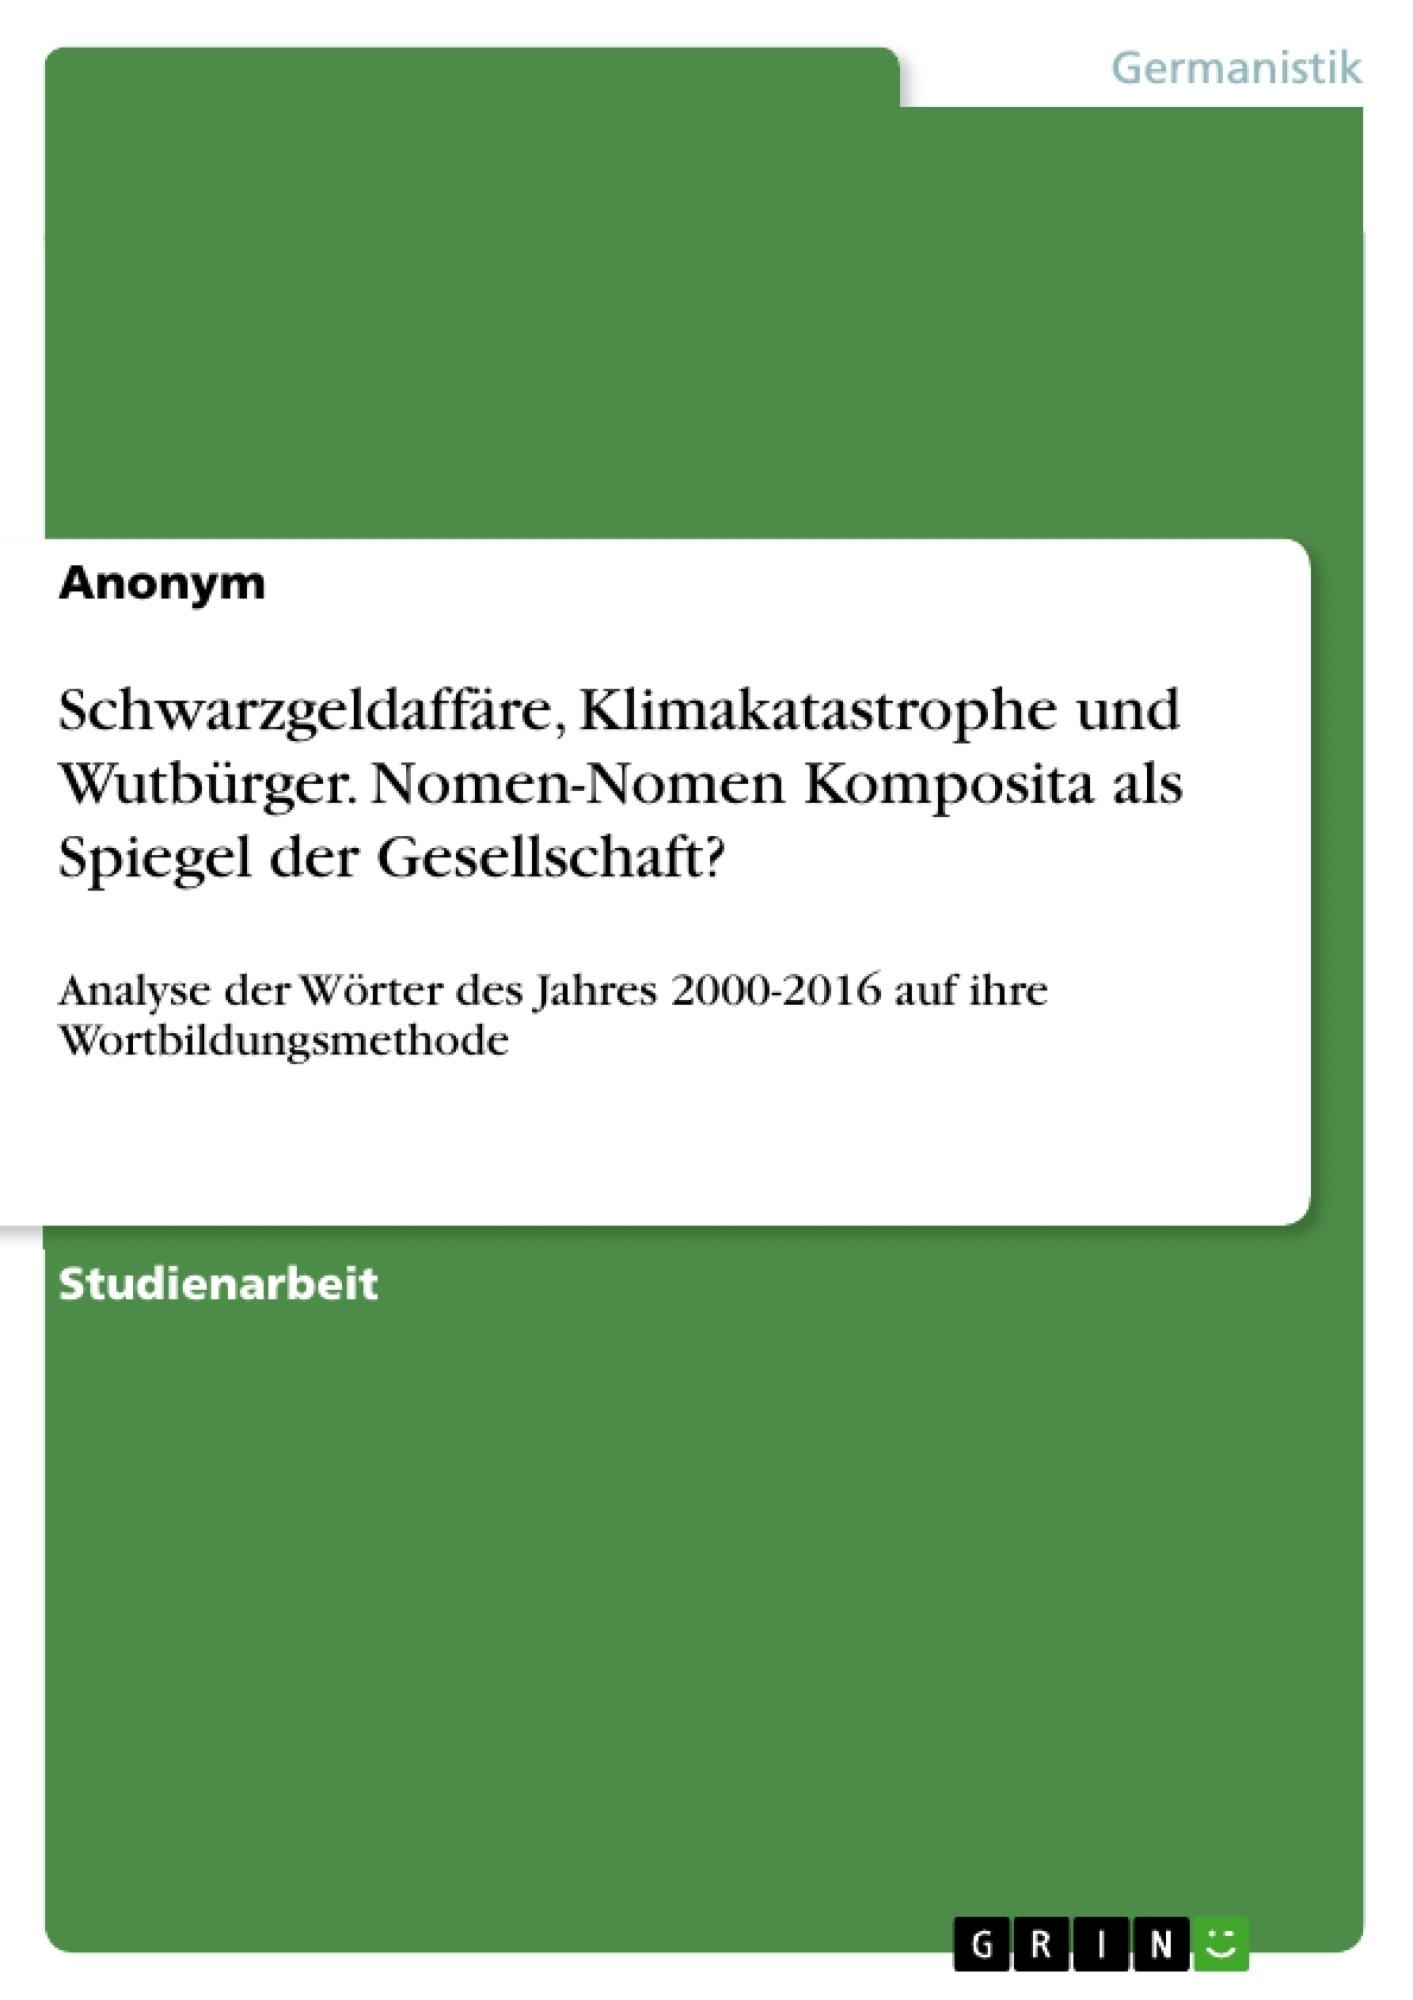 Titel: Schwarzgeldaffäre, Klimakatastrophe und Wutbürger. Nomen-Nomen Komposita als Spiegel der Gesellschaft?